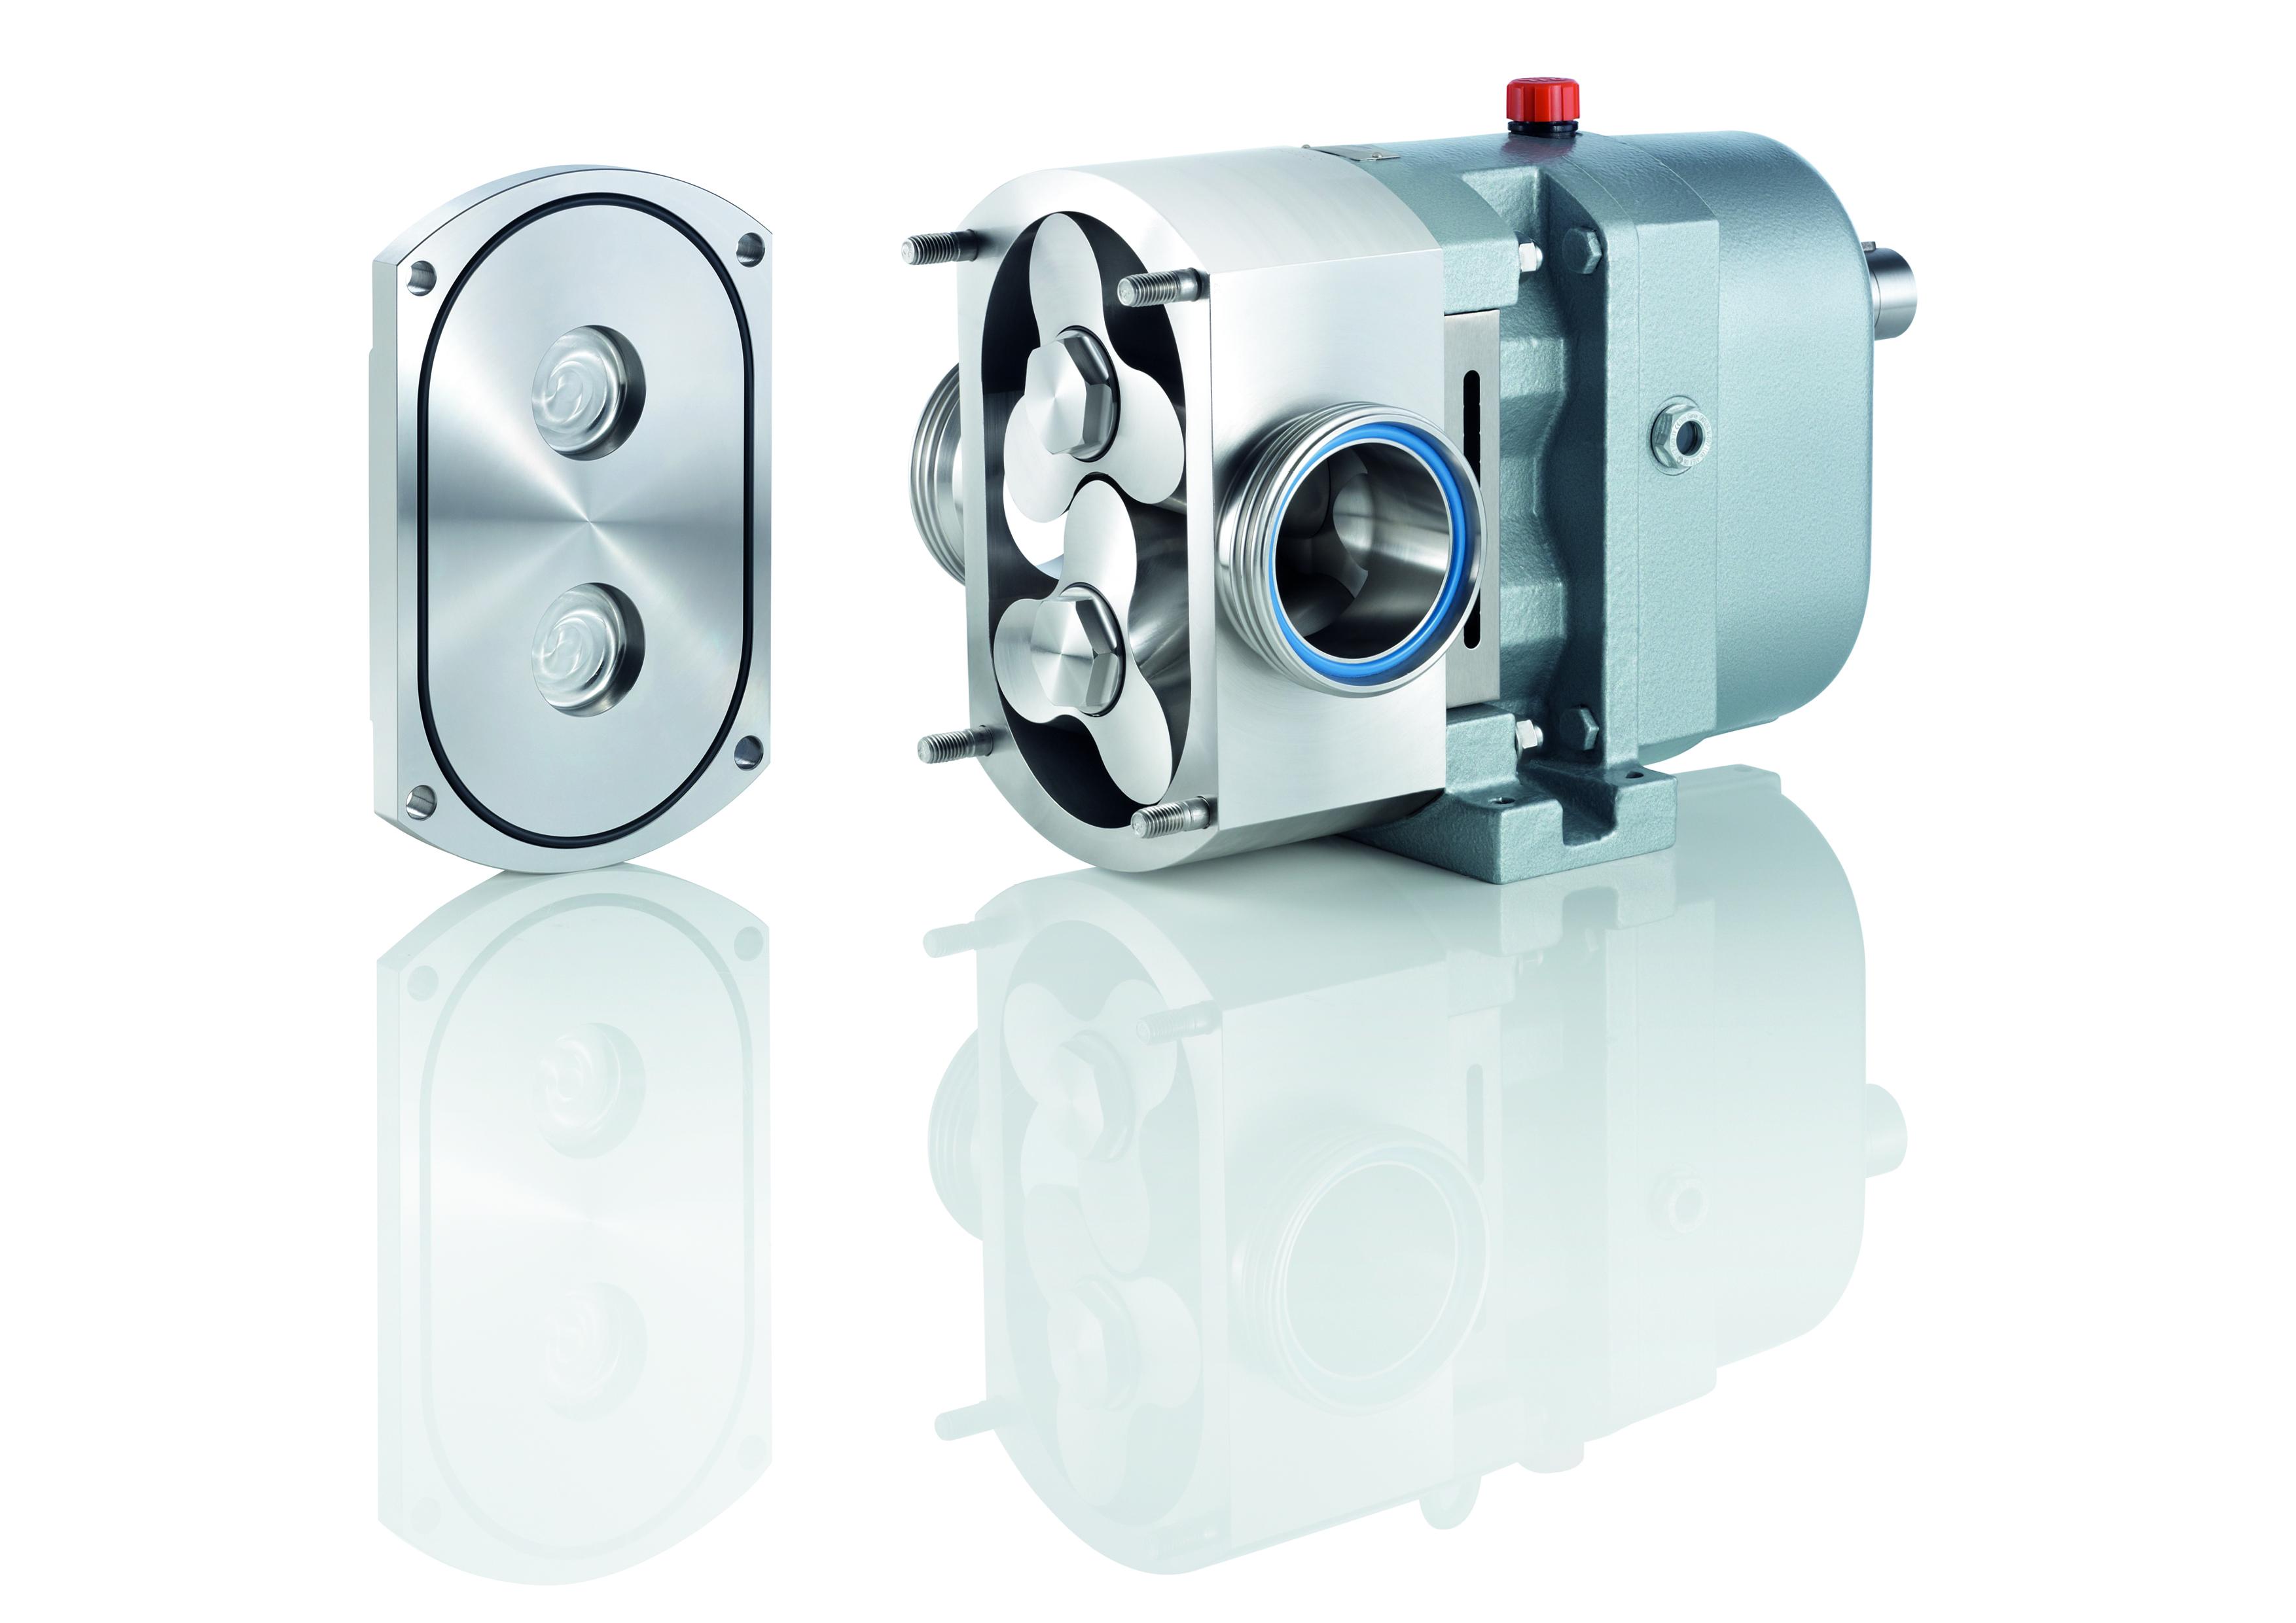 La pompa FL3 è proposta da Fristam in versione trilobo elicoidale, con pulsazioni virtualmente annullate